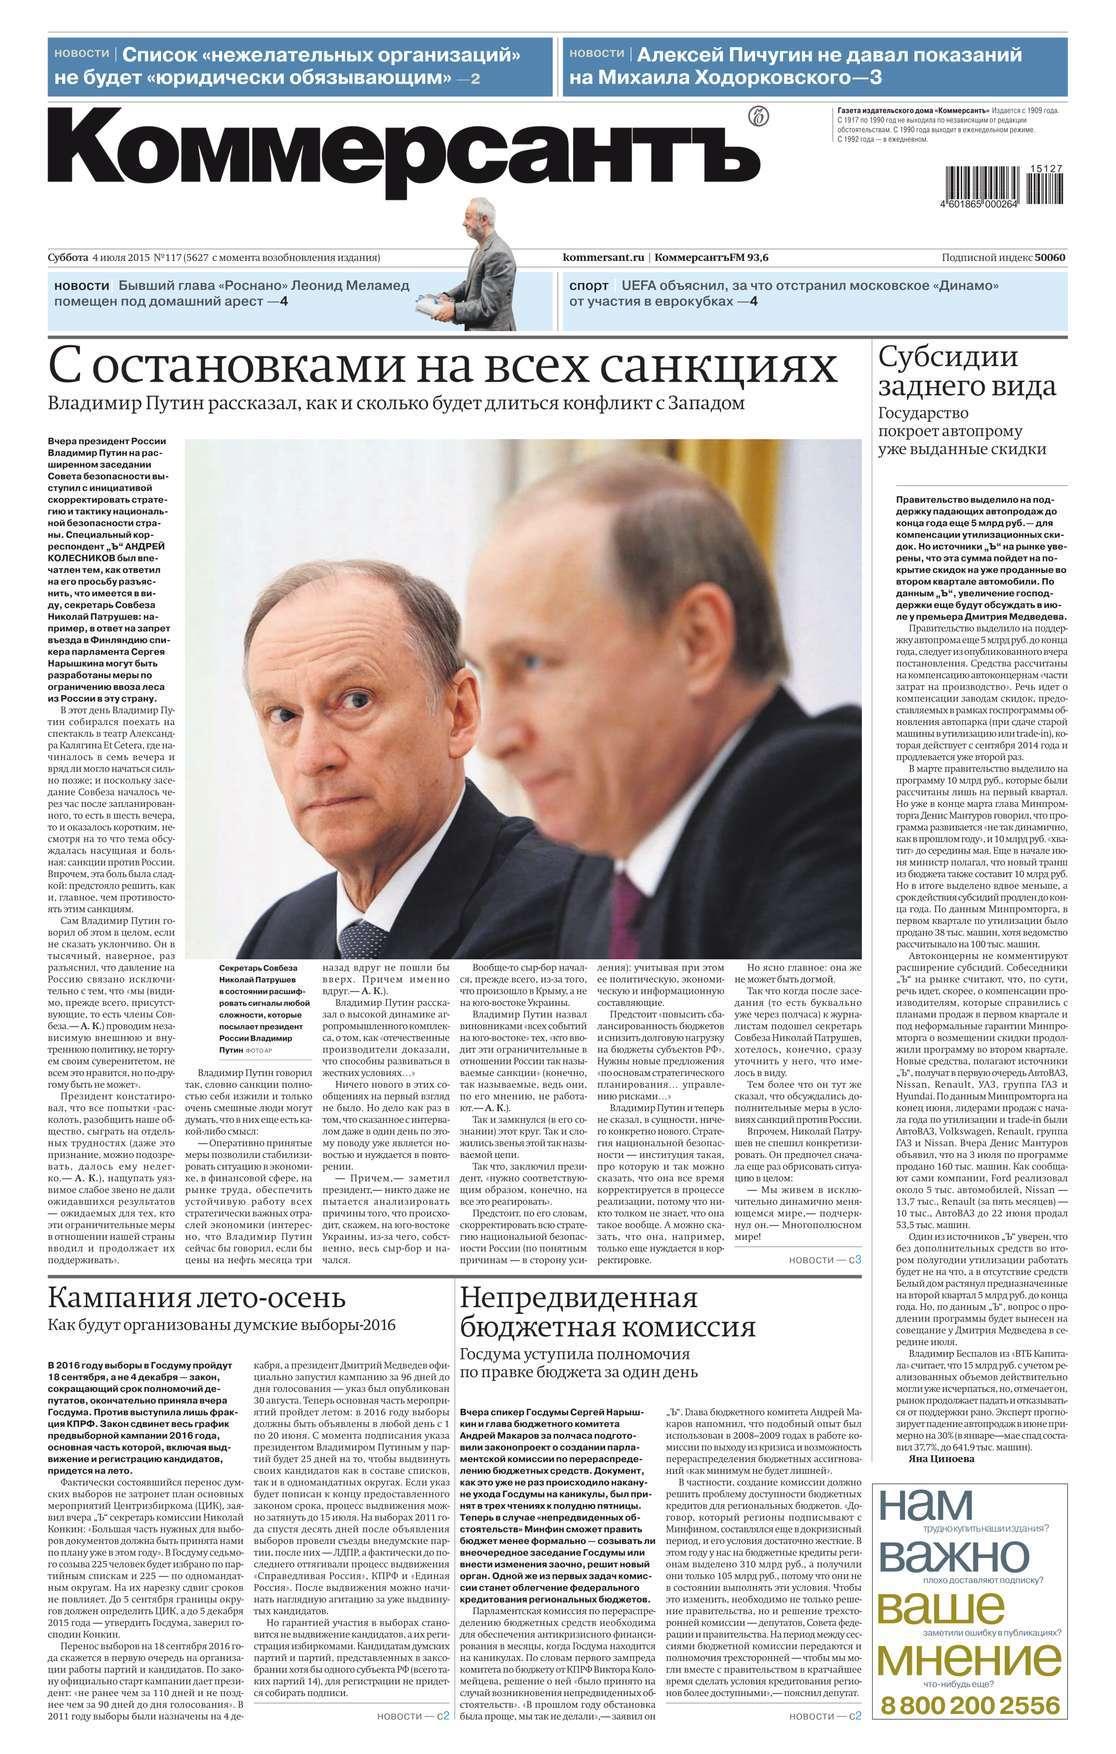 Редакция газеты КоммерсантЪ КоммерсантЪ 117-2015 бумажник wb14 117 2015